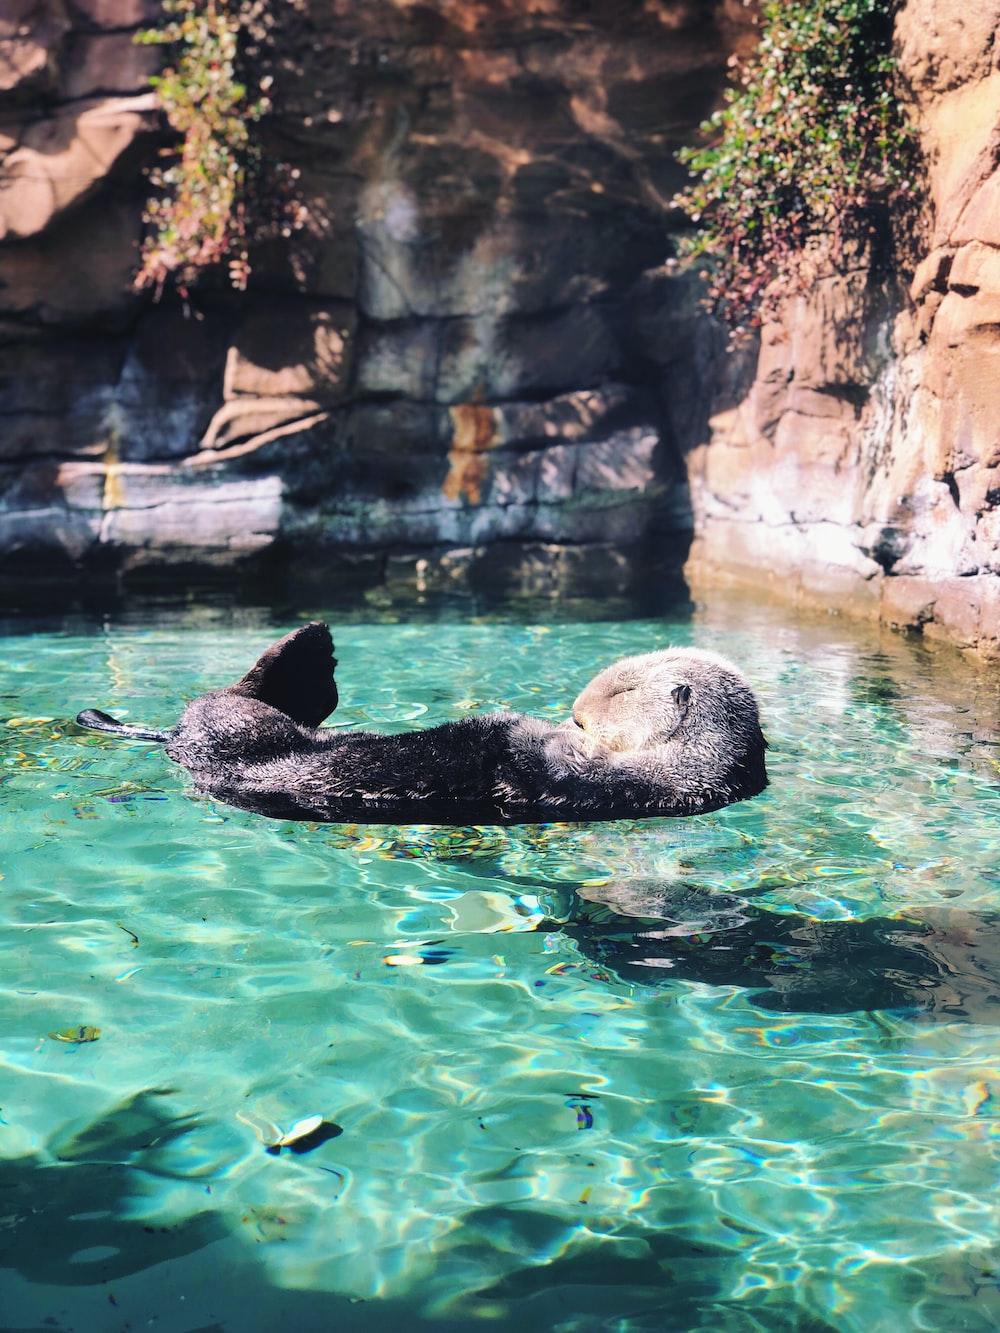 gray coated animal on body of water sleeping